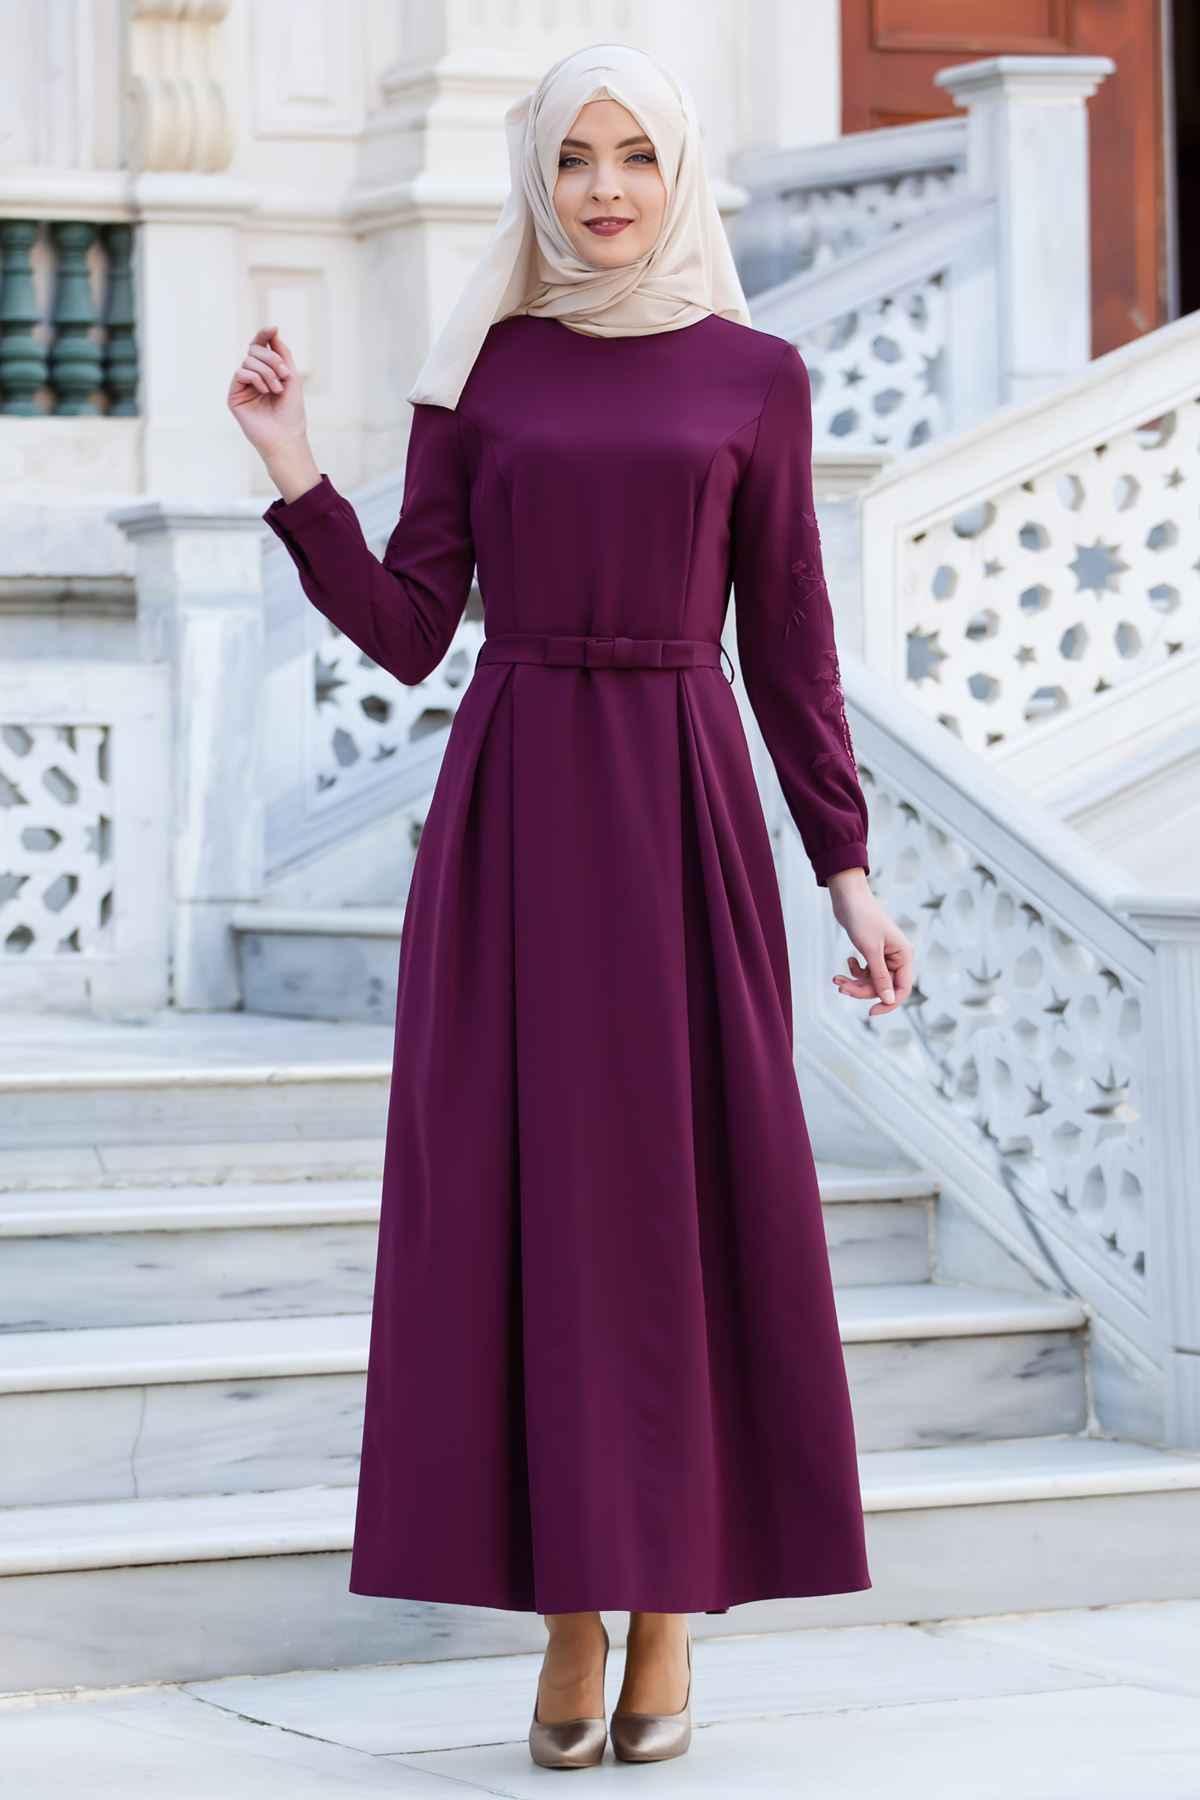 En Güzel Sedanur Tesettür Elbise Modelleri